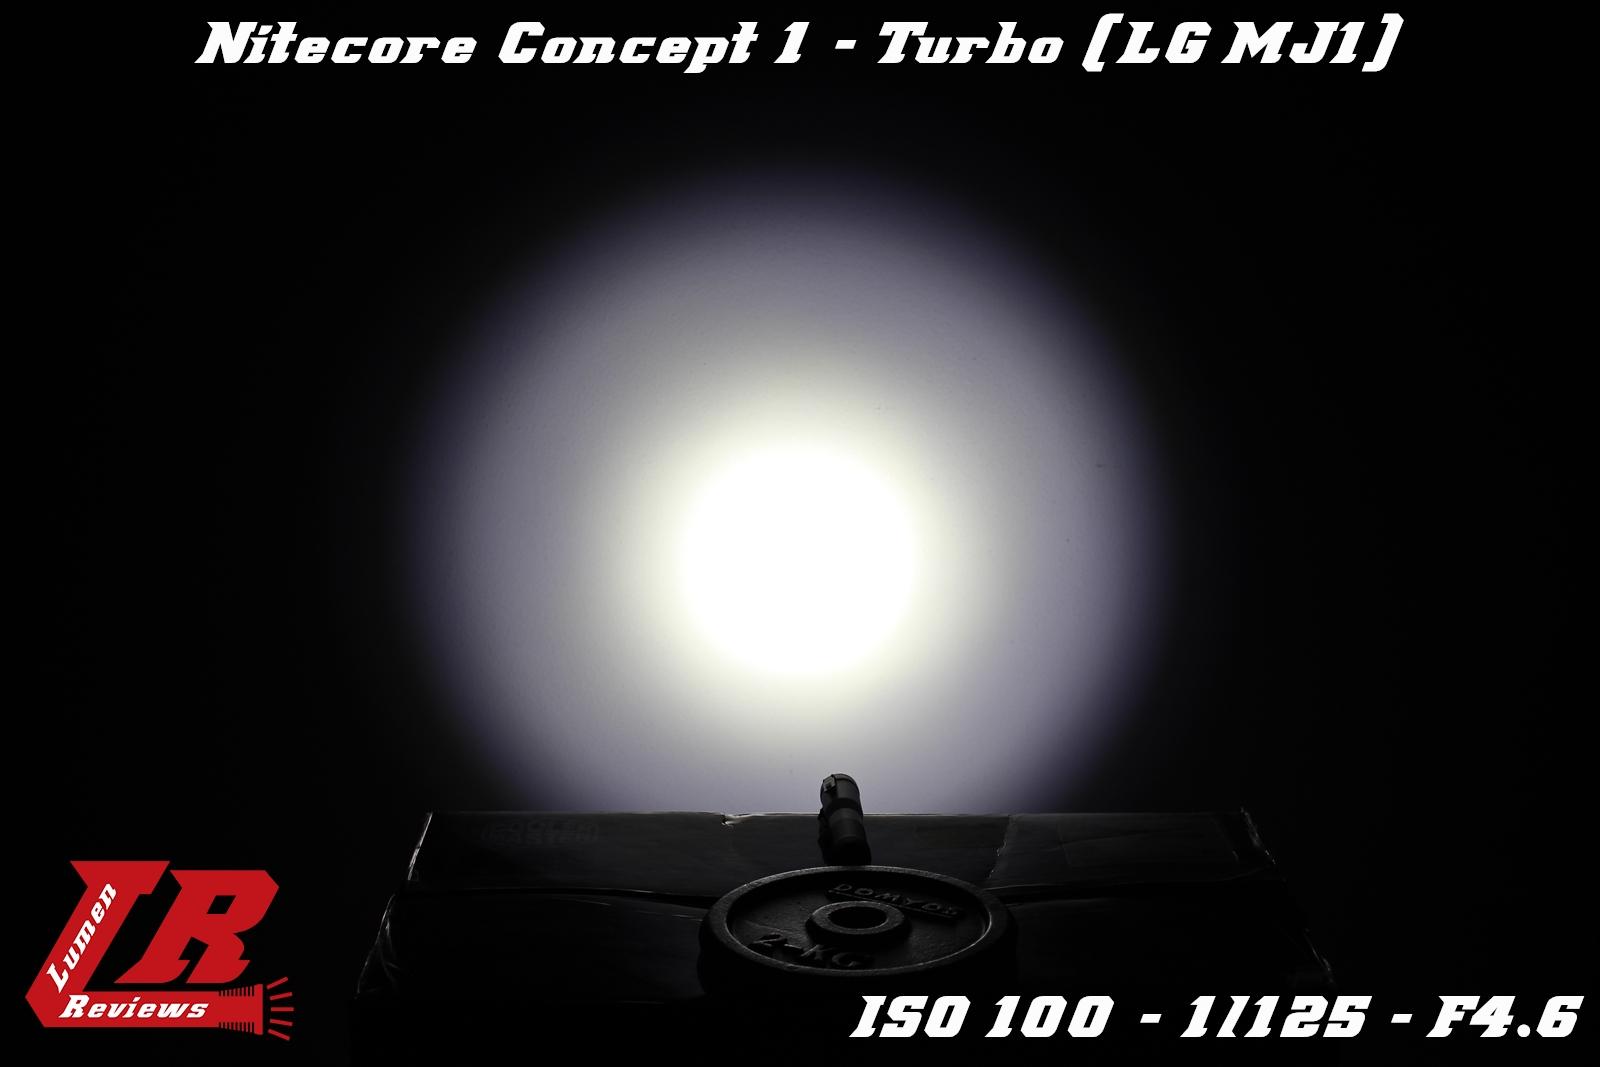 Nitecore Concept 1 14